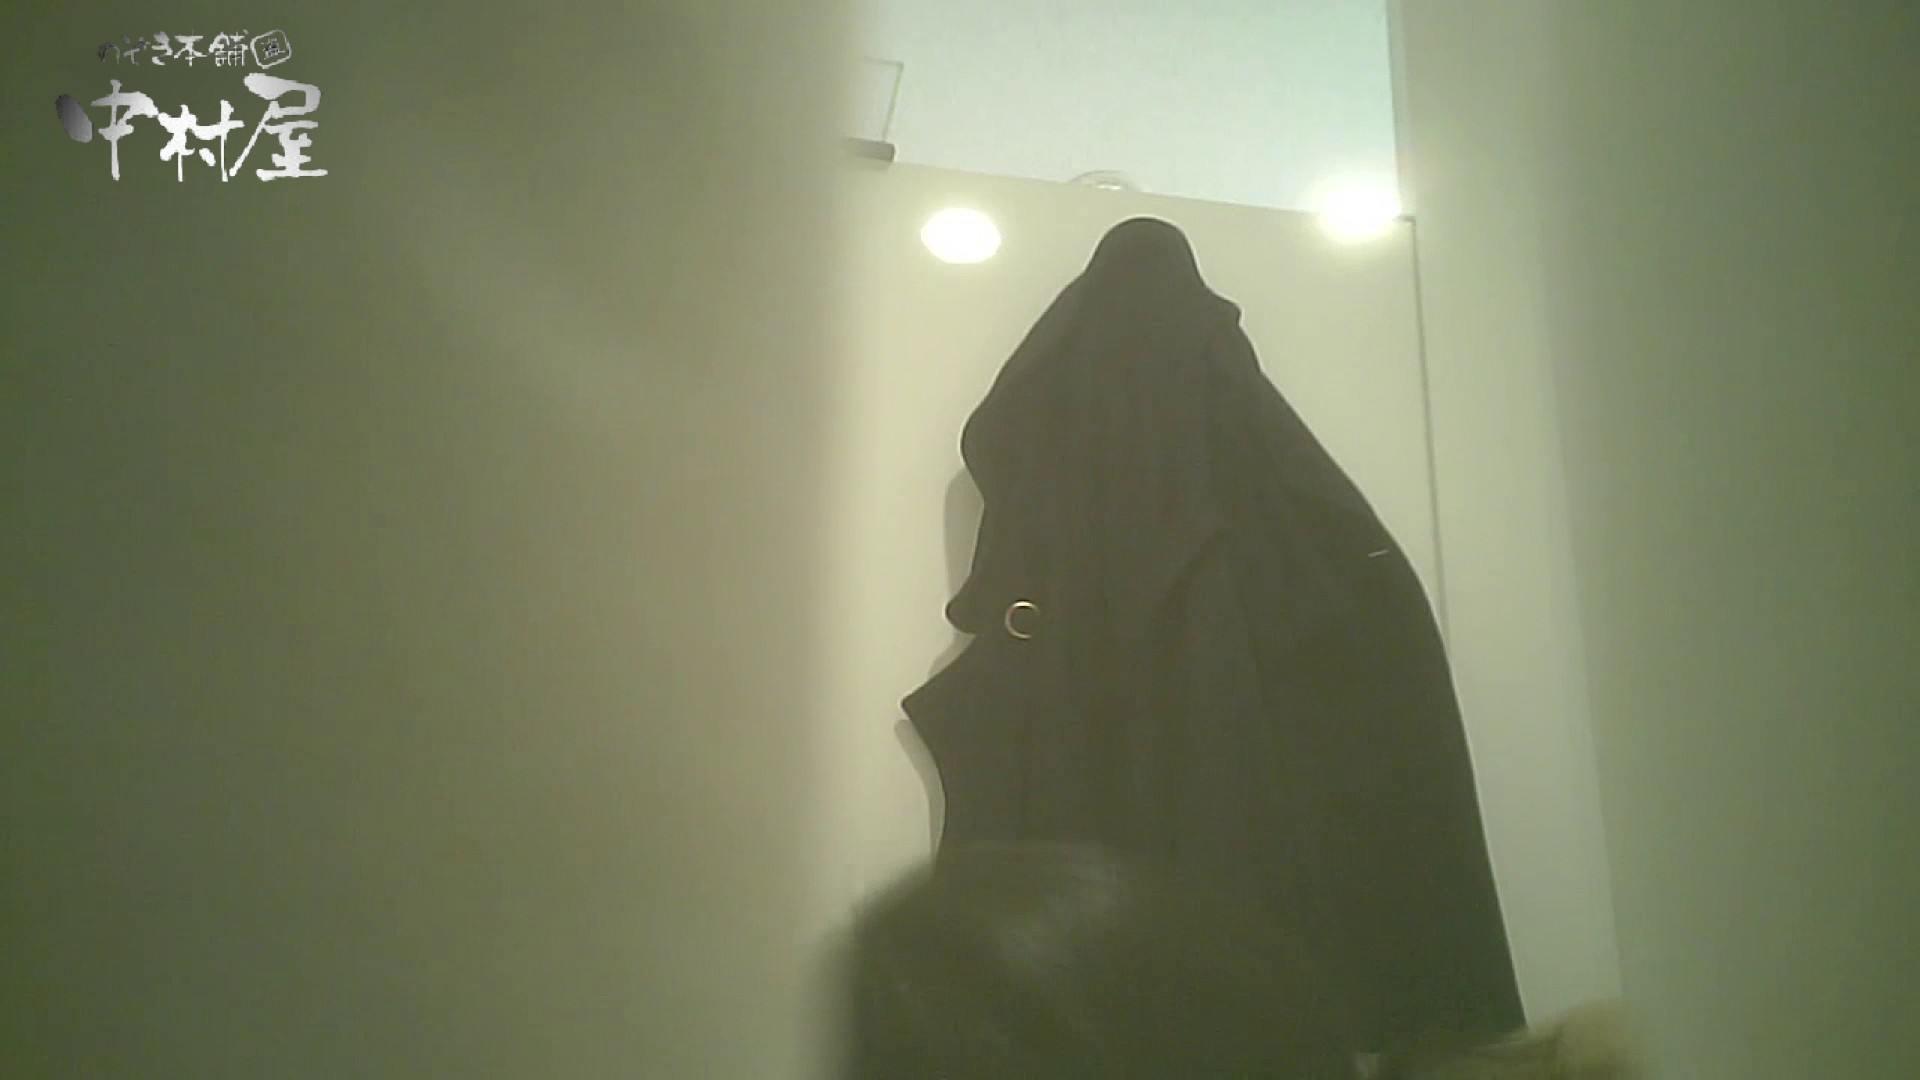 有名大学女性洗面所 vol.54 設置撮影最高峰!! 3視点でじっくり観察 0  65pic 10